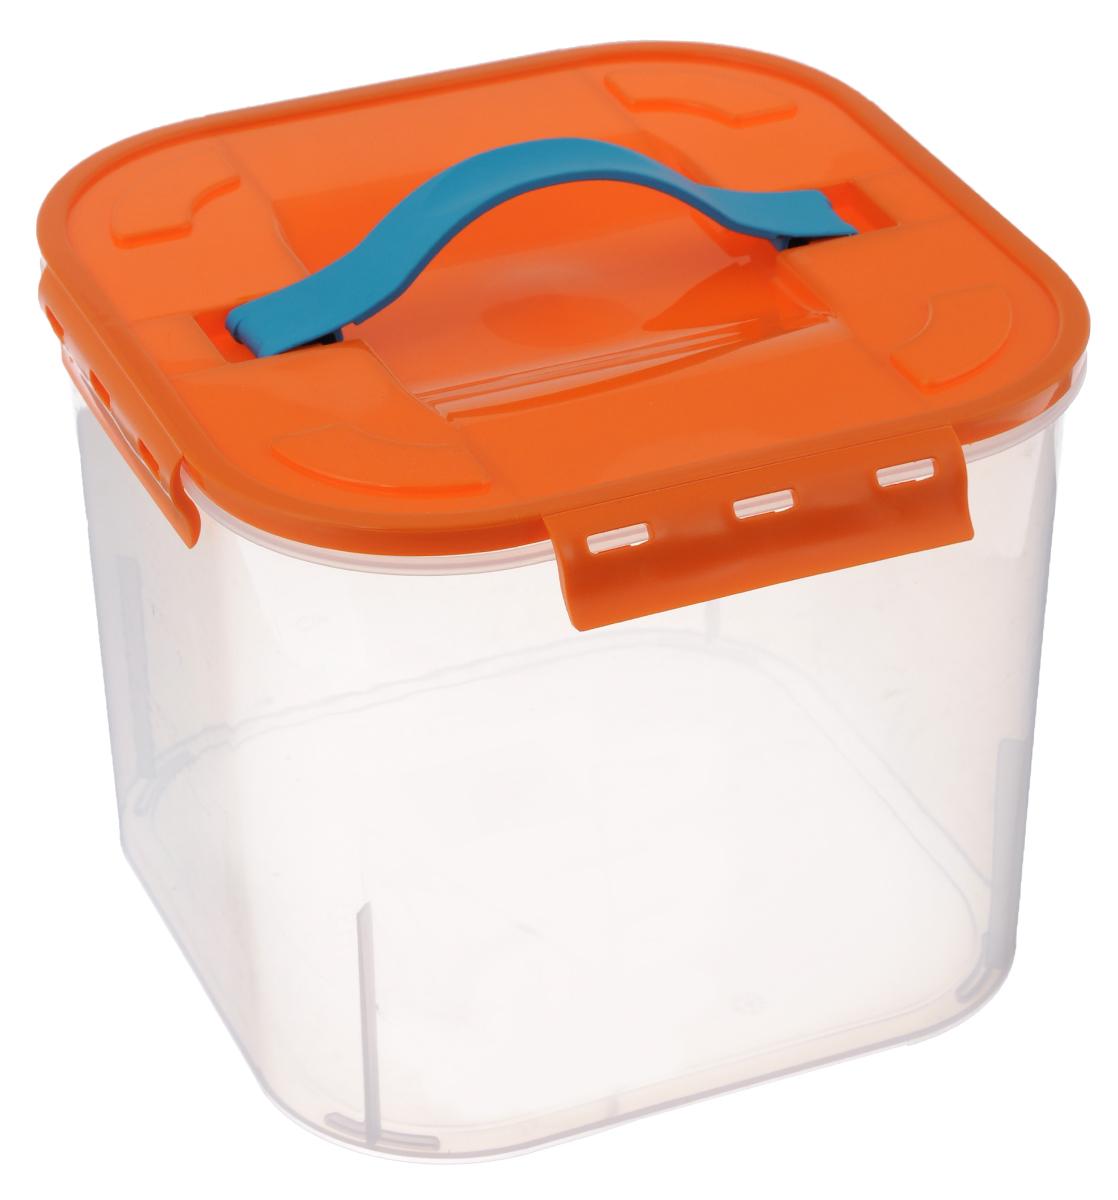 Контейнер для хранения Idea, цвет: оранжевый, прозрачный, 7 лМ 2820Контейнер для хранения Idea выполнен из прочного полипропилена. Он идеально подойдет для хранения пищевых продуктов, а также любых мелких бытовых предметов: канцелярии, принадлежностей для шитья и многого другого. Контейнер плотно закрывается цветной крышкой с 4 защелками. Для удобства переноски сверху имеется ручка, выполненная из термоэластопласта. Контейнер Idea очень вместителен, он пригодится в любом хозяйстве. Материал: полипропилен, термоэластопласт.